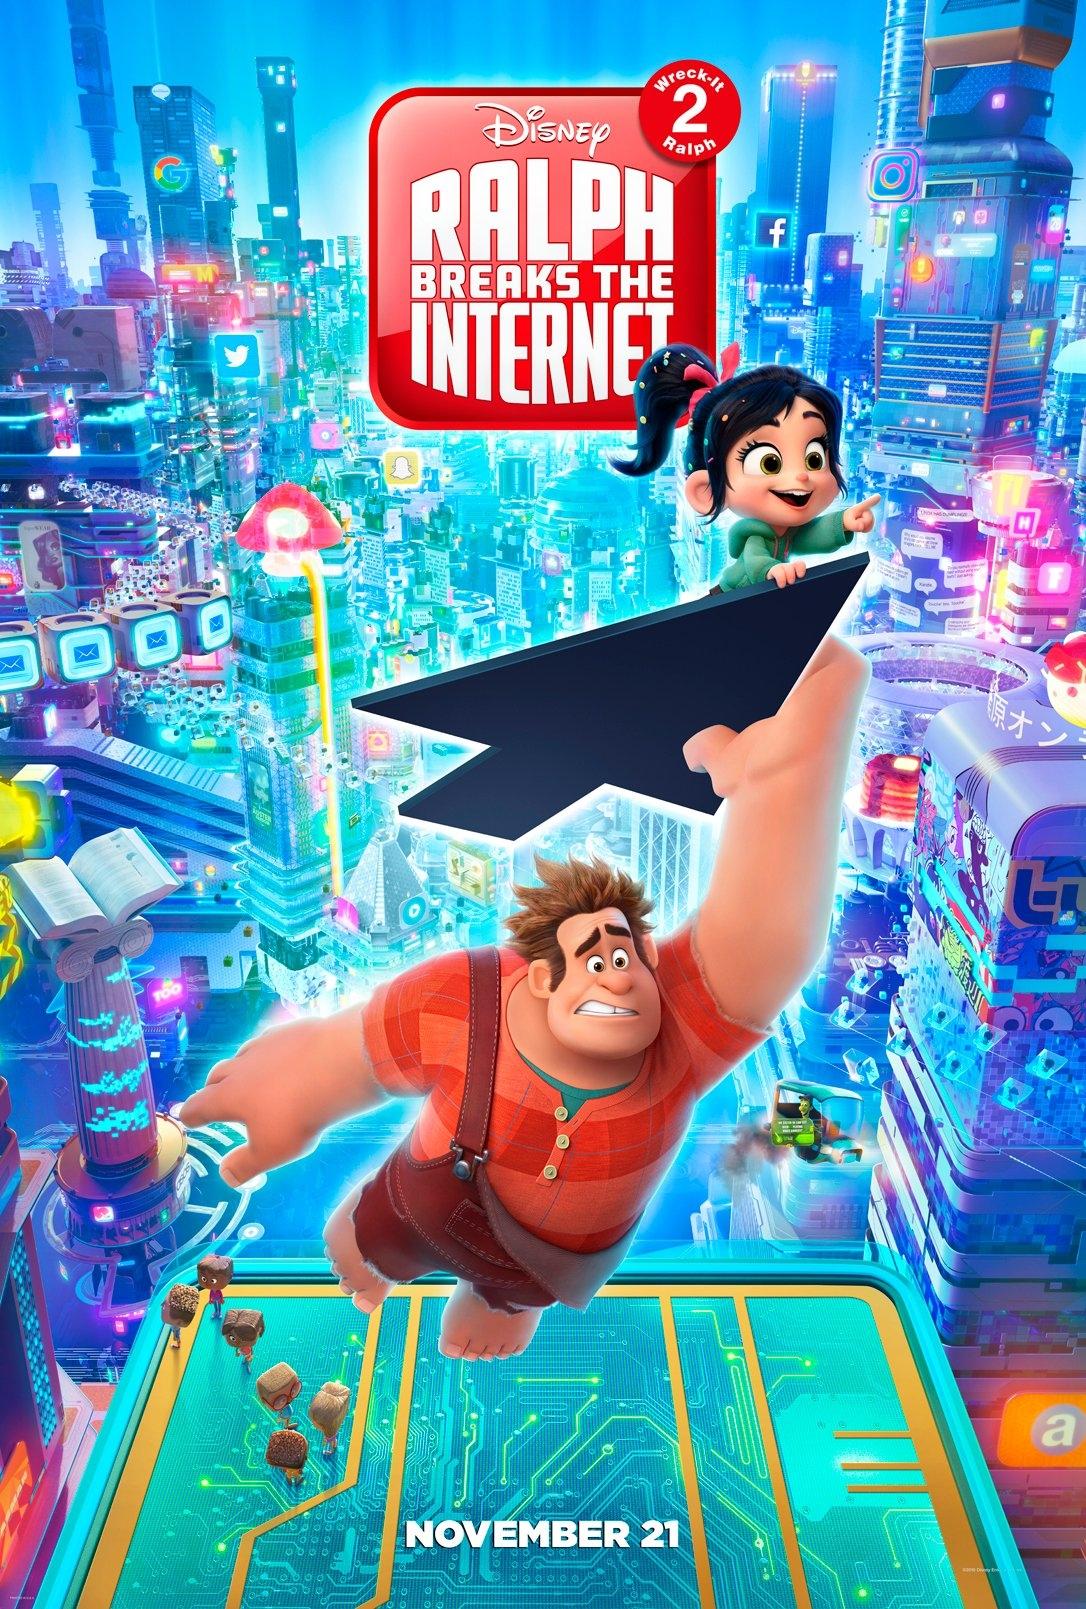 Ratigan6688/Wreck-It-Ralph 2 vs Frozen 2